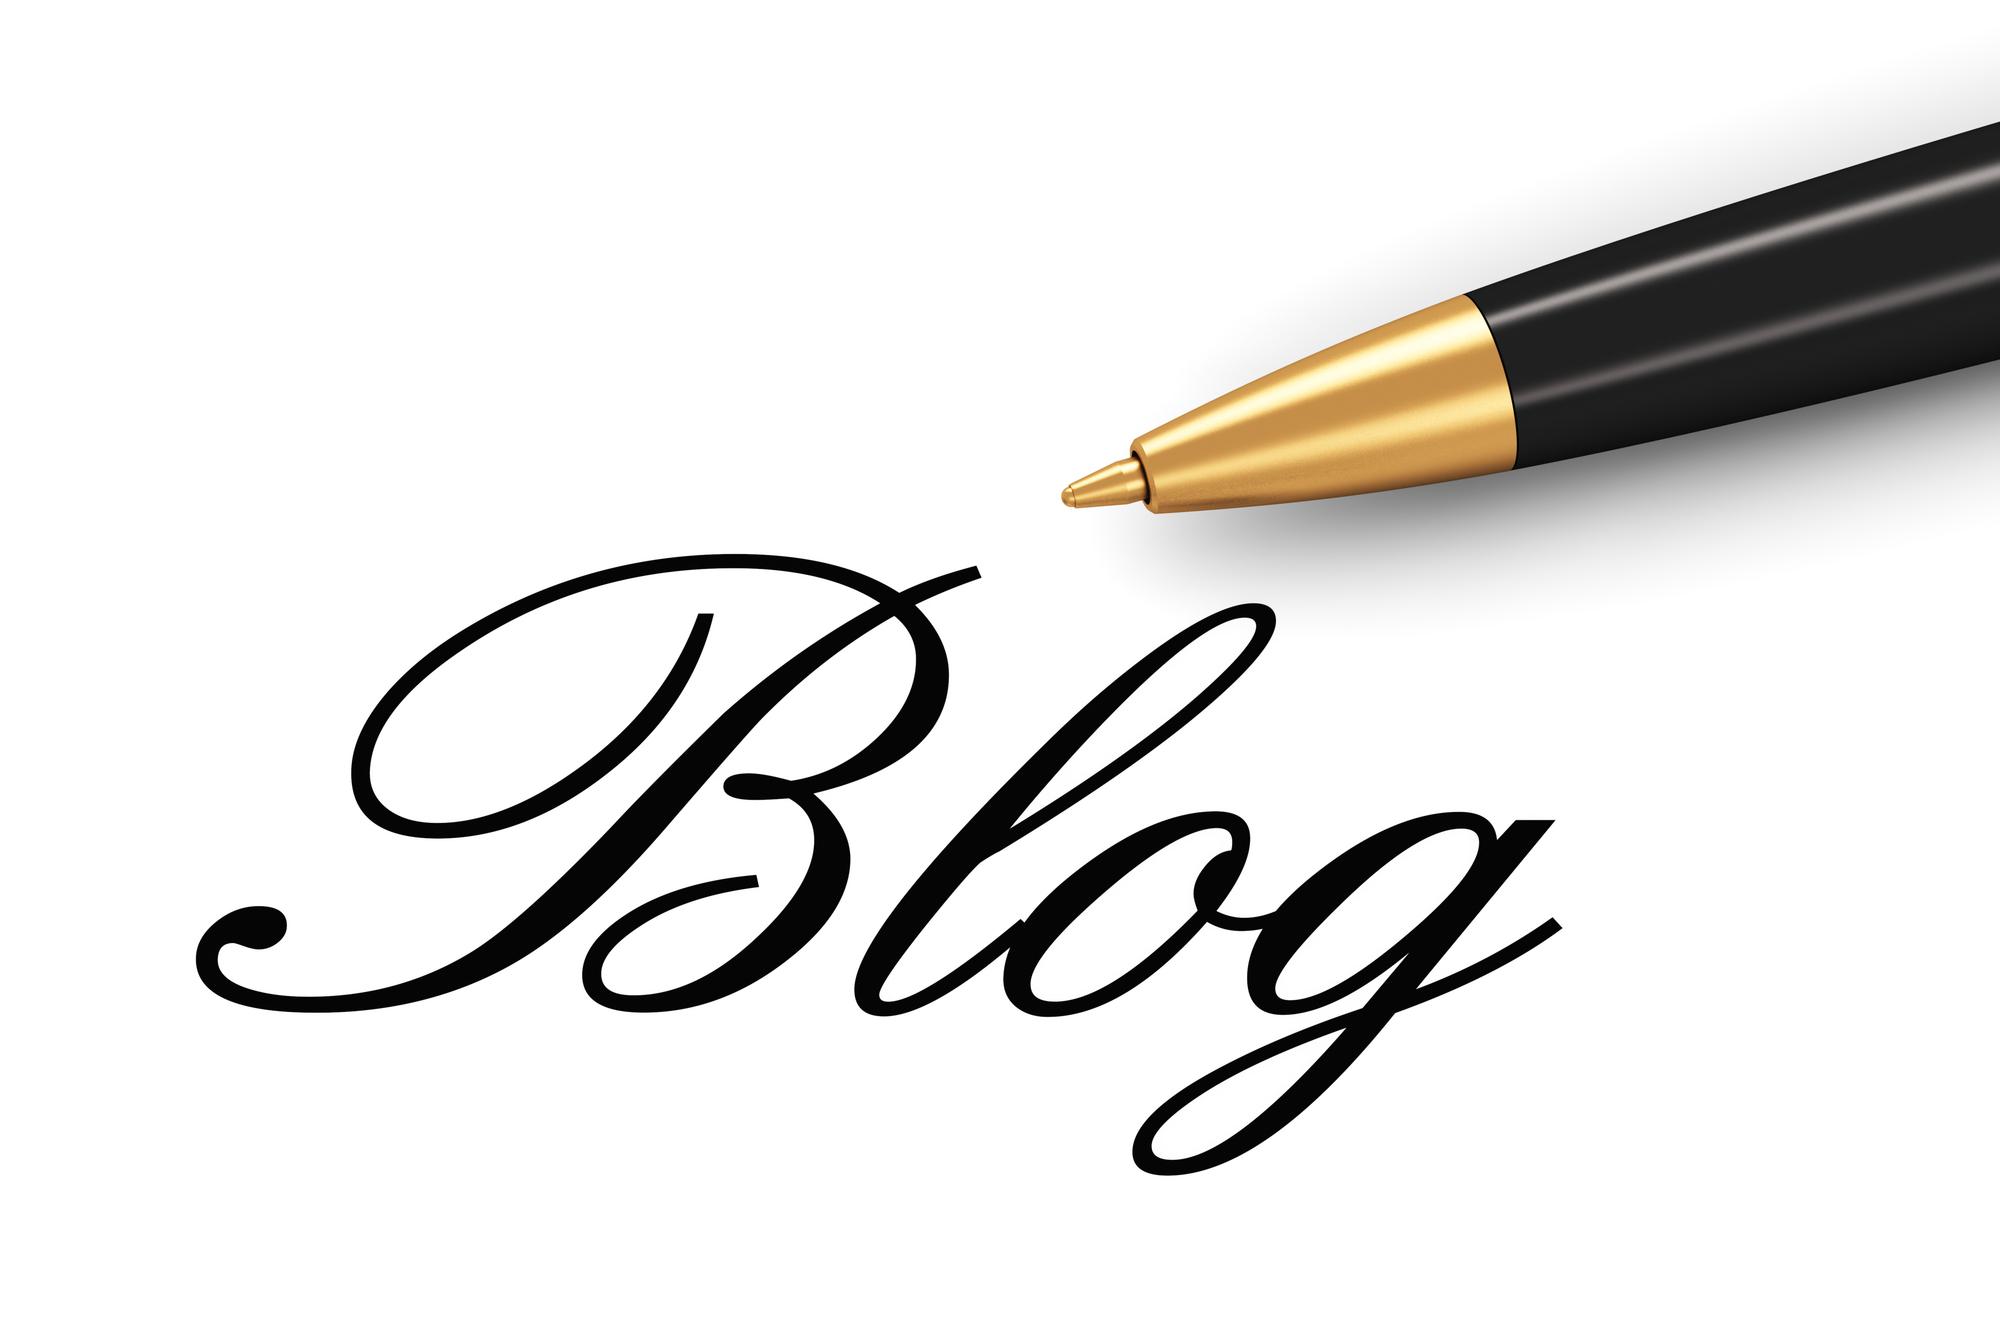 物件探し~飲食店開業までのリアルな体験談!『開業ブログ』続々始動中!